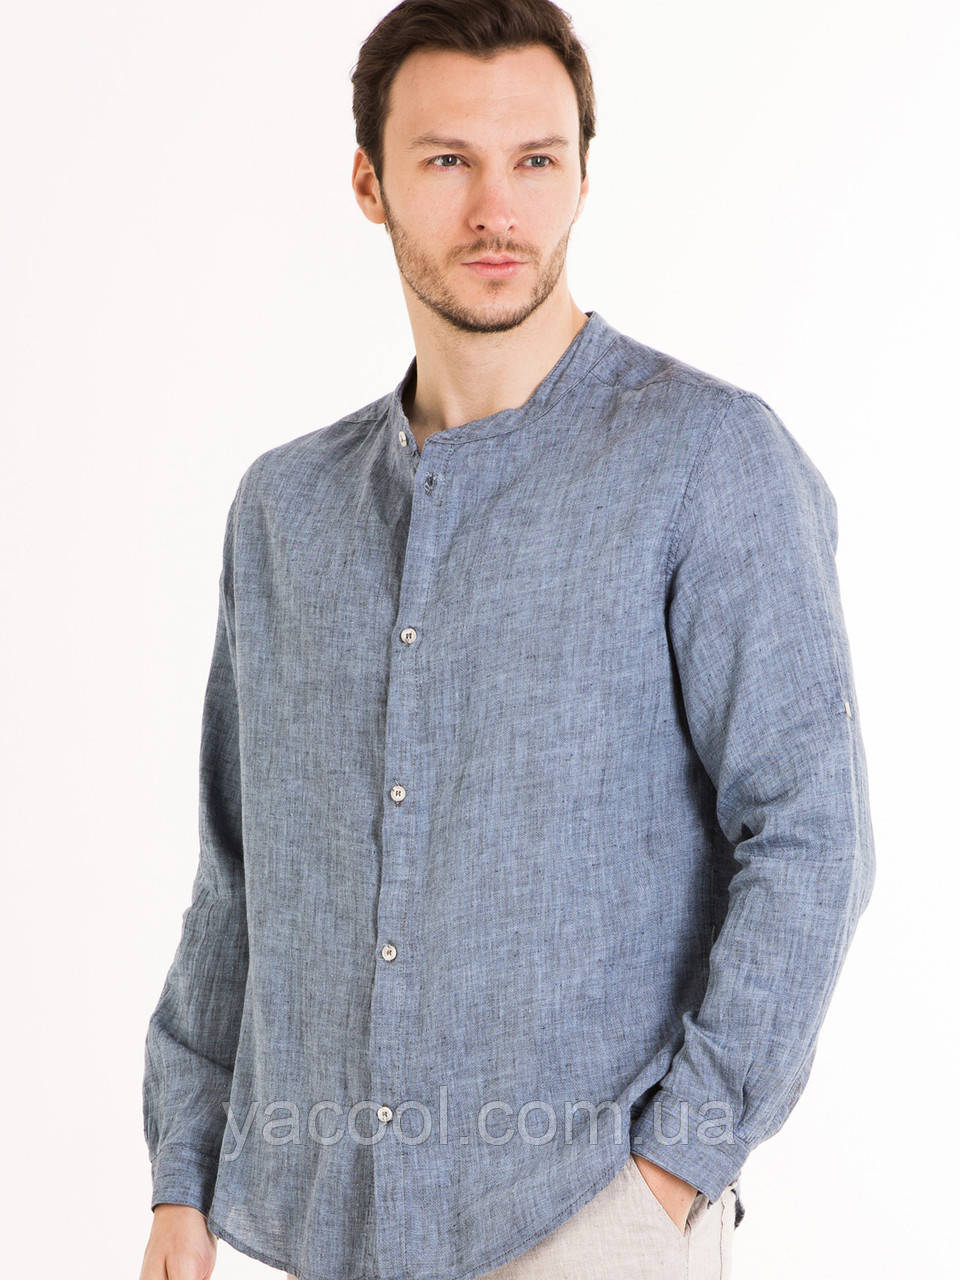 aac4ba45f22 Мужская рубашка джинсовый лен